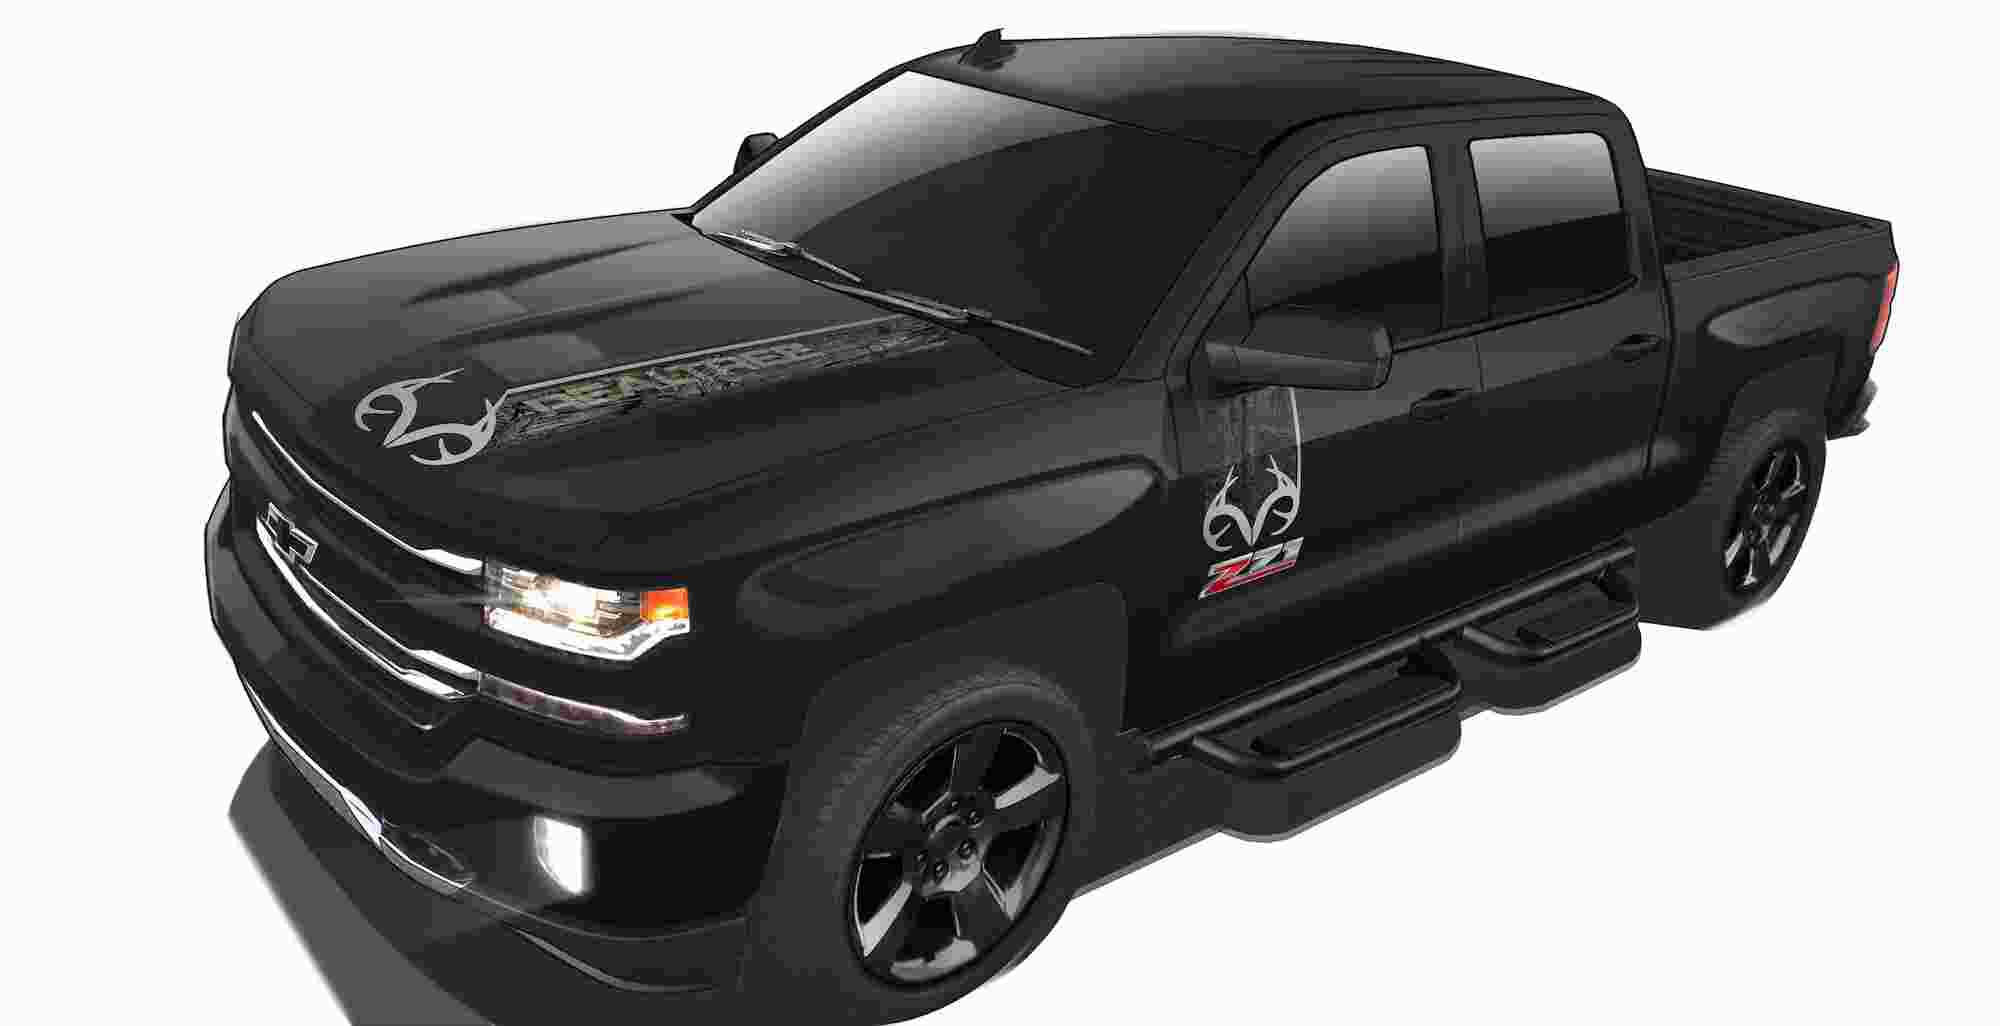 Chevy produces pitch black 2016 Silverado Realtree edition